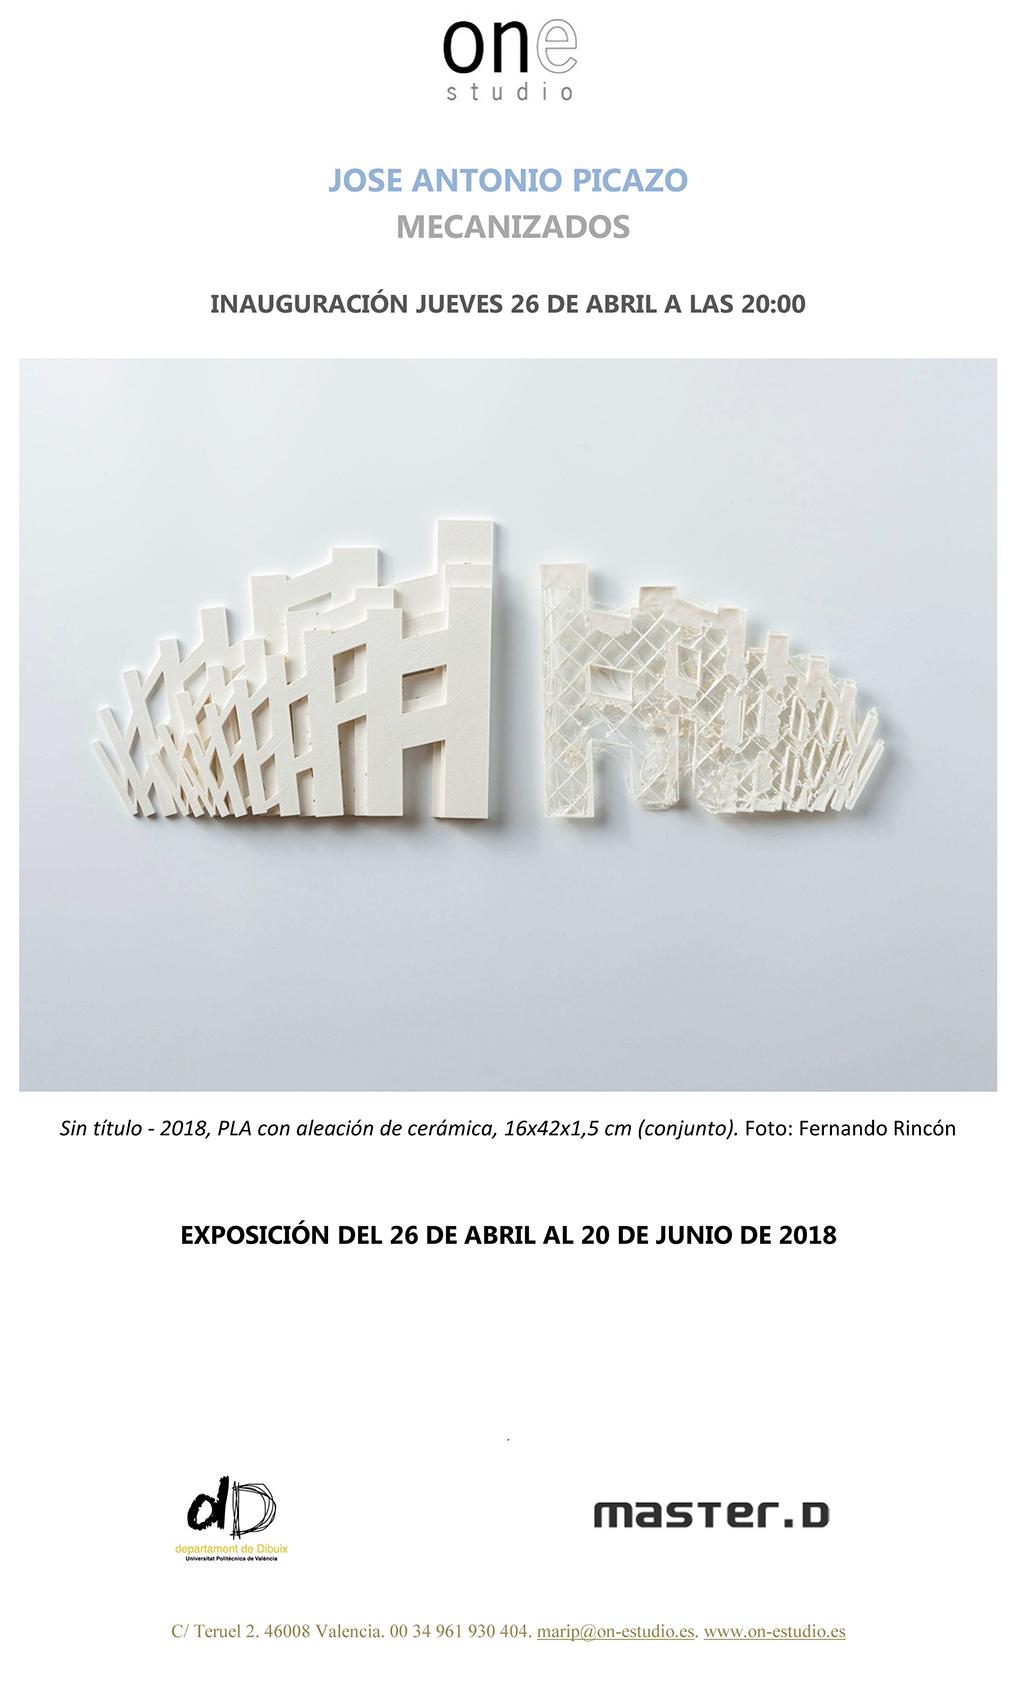 INVITACION JOSE ANTONIO PICAZO